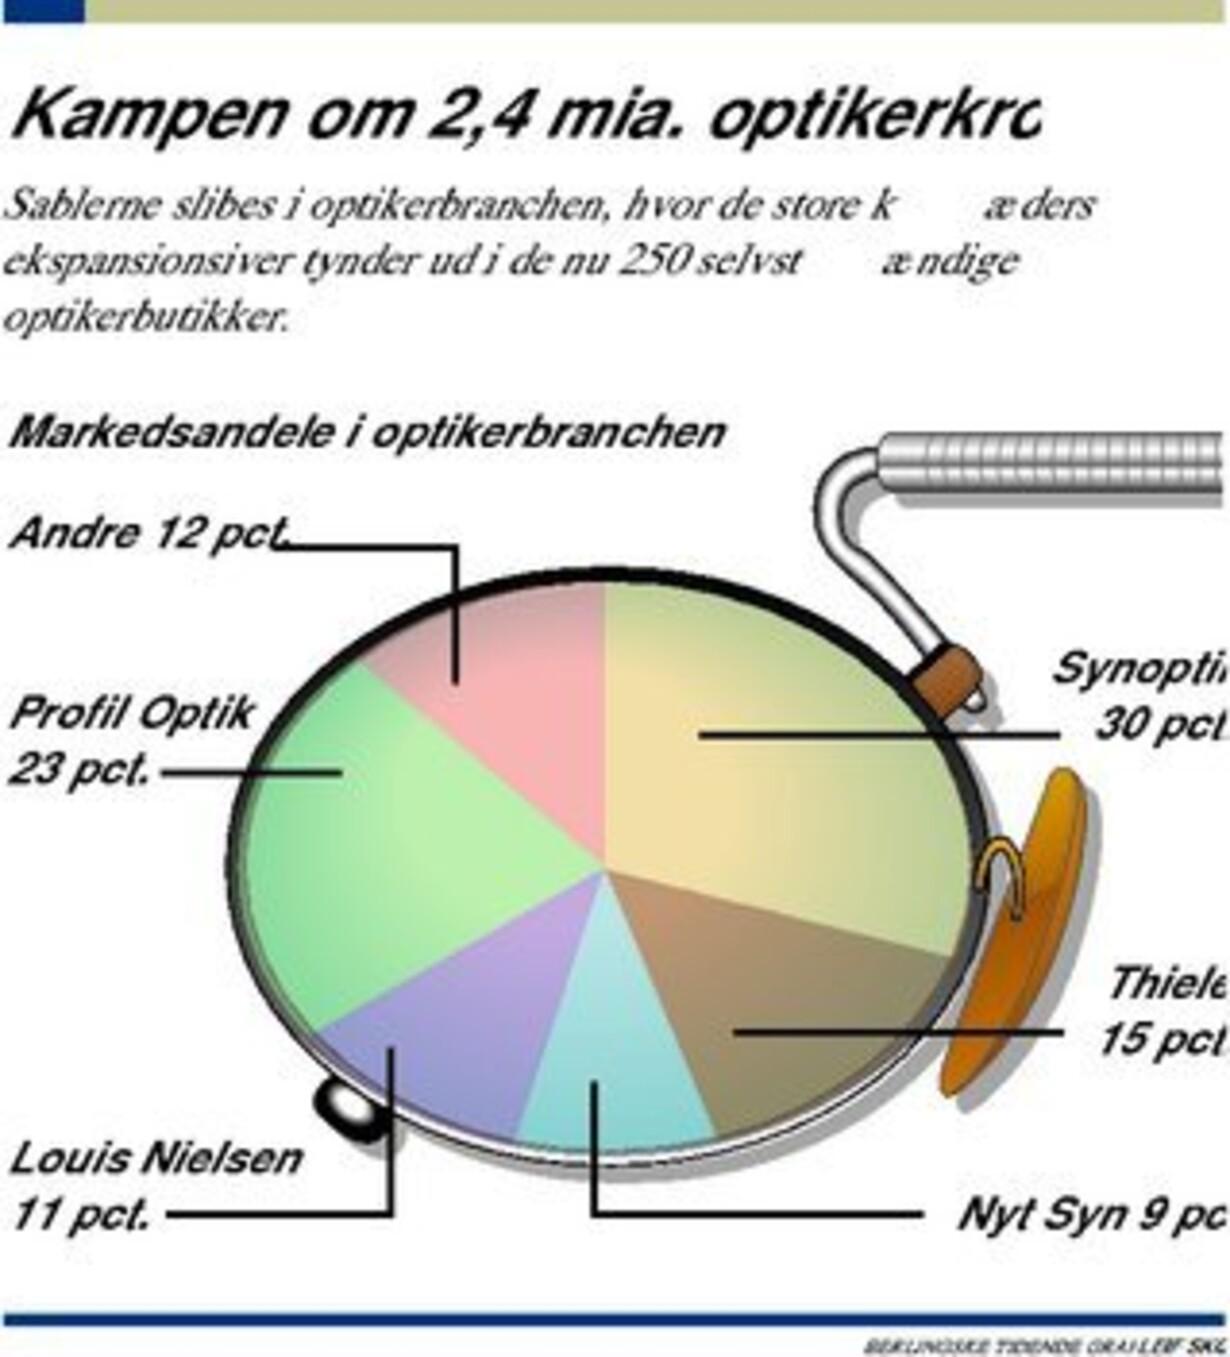 c56e87687b3f Profil Optik i milliardsamarbejde - 1